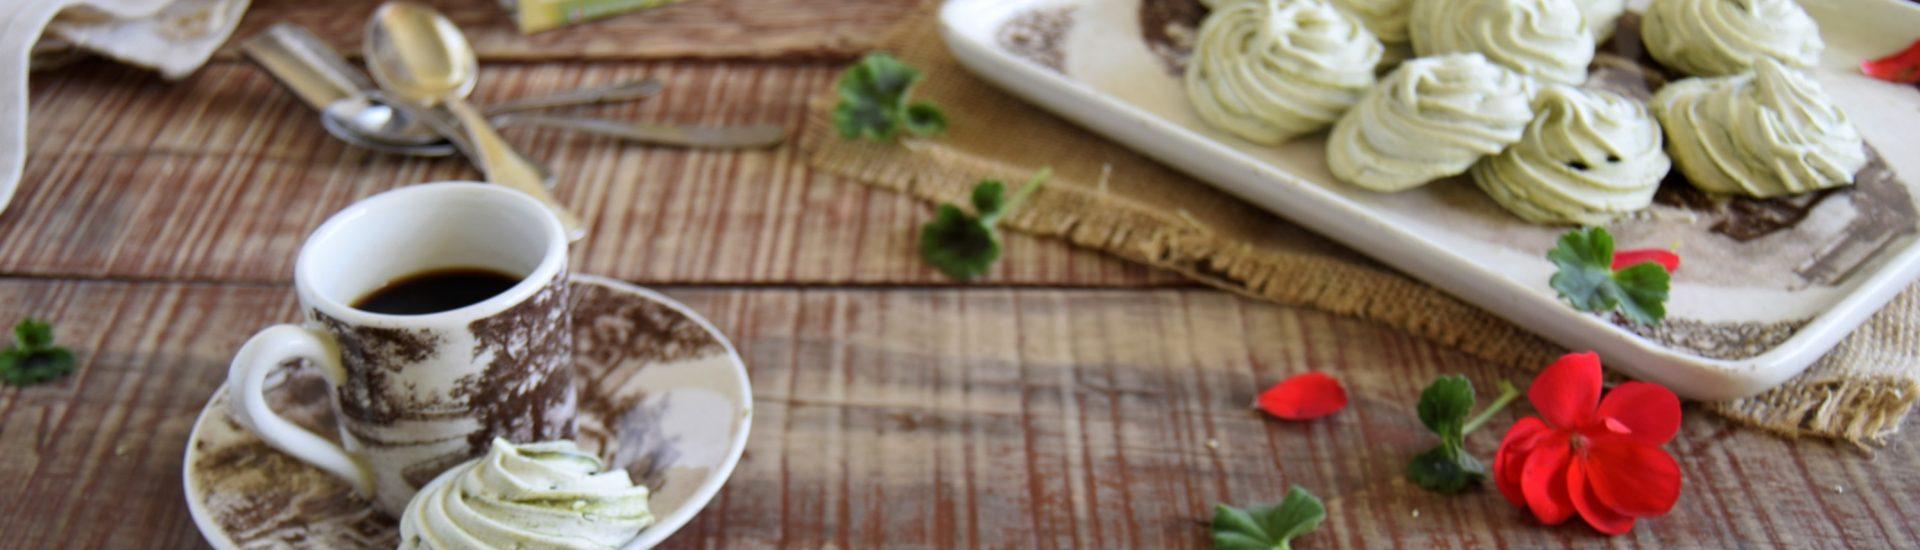 Ricetta meringhe al pistacchio